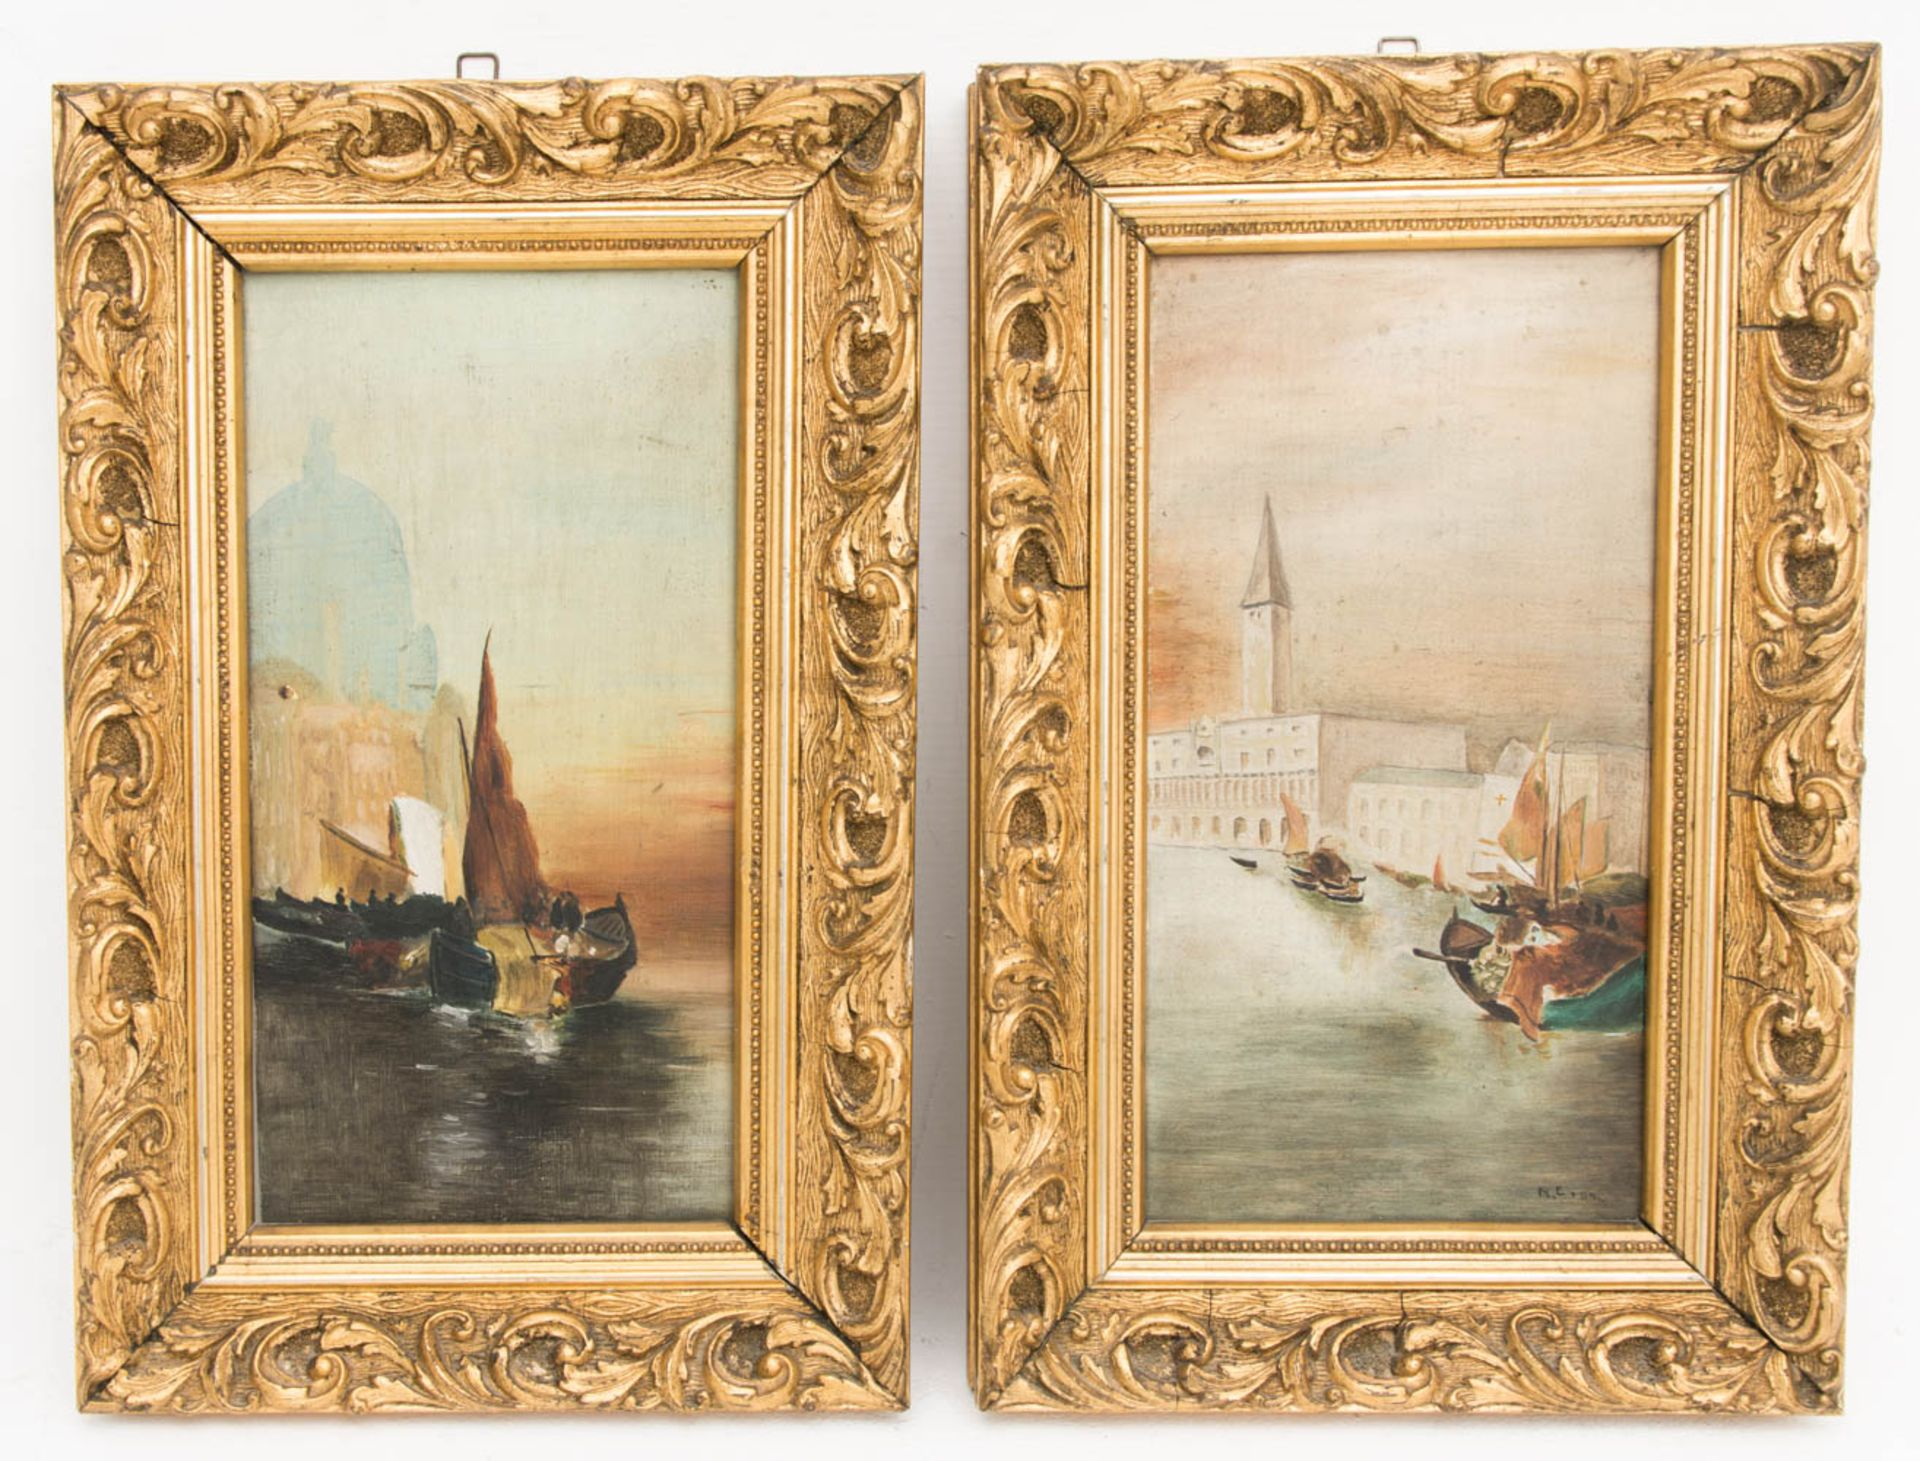 Monogrammiert R.E. 04, Öl auf Holz, Zwei Gemälde mit Ansichten von Venedig.Ansicht a